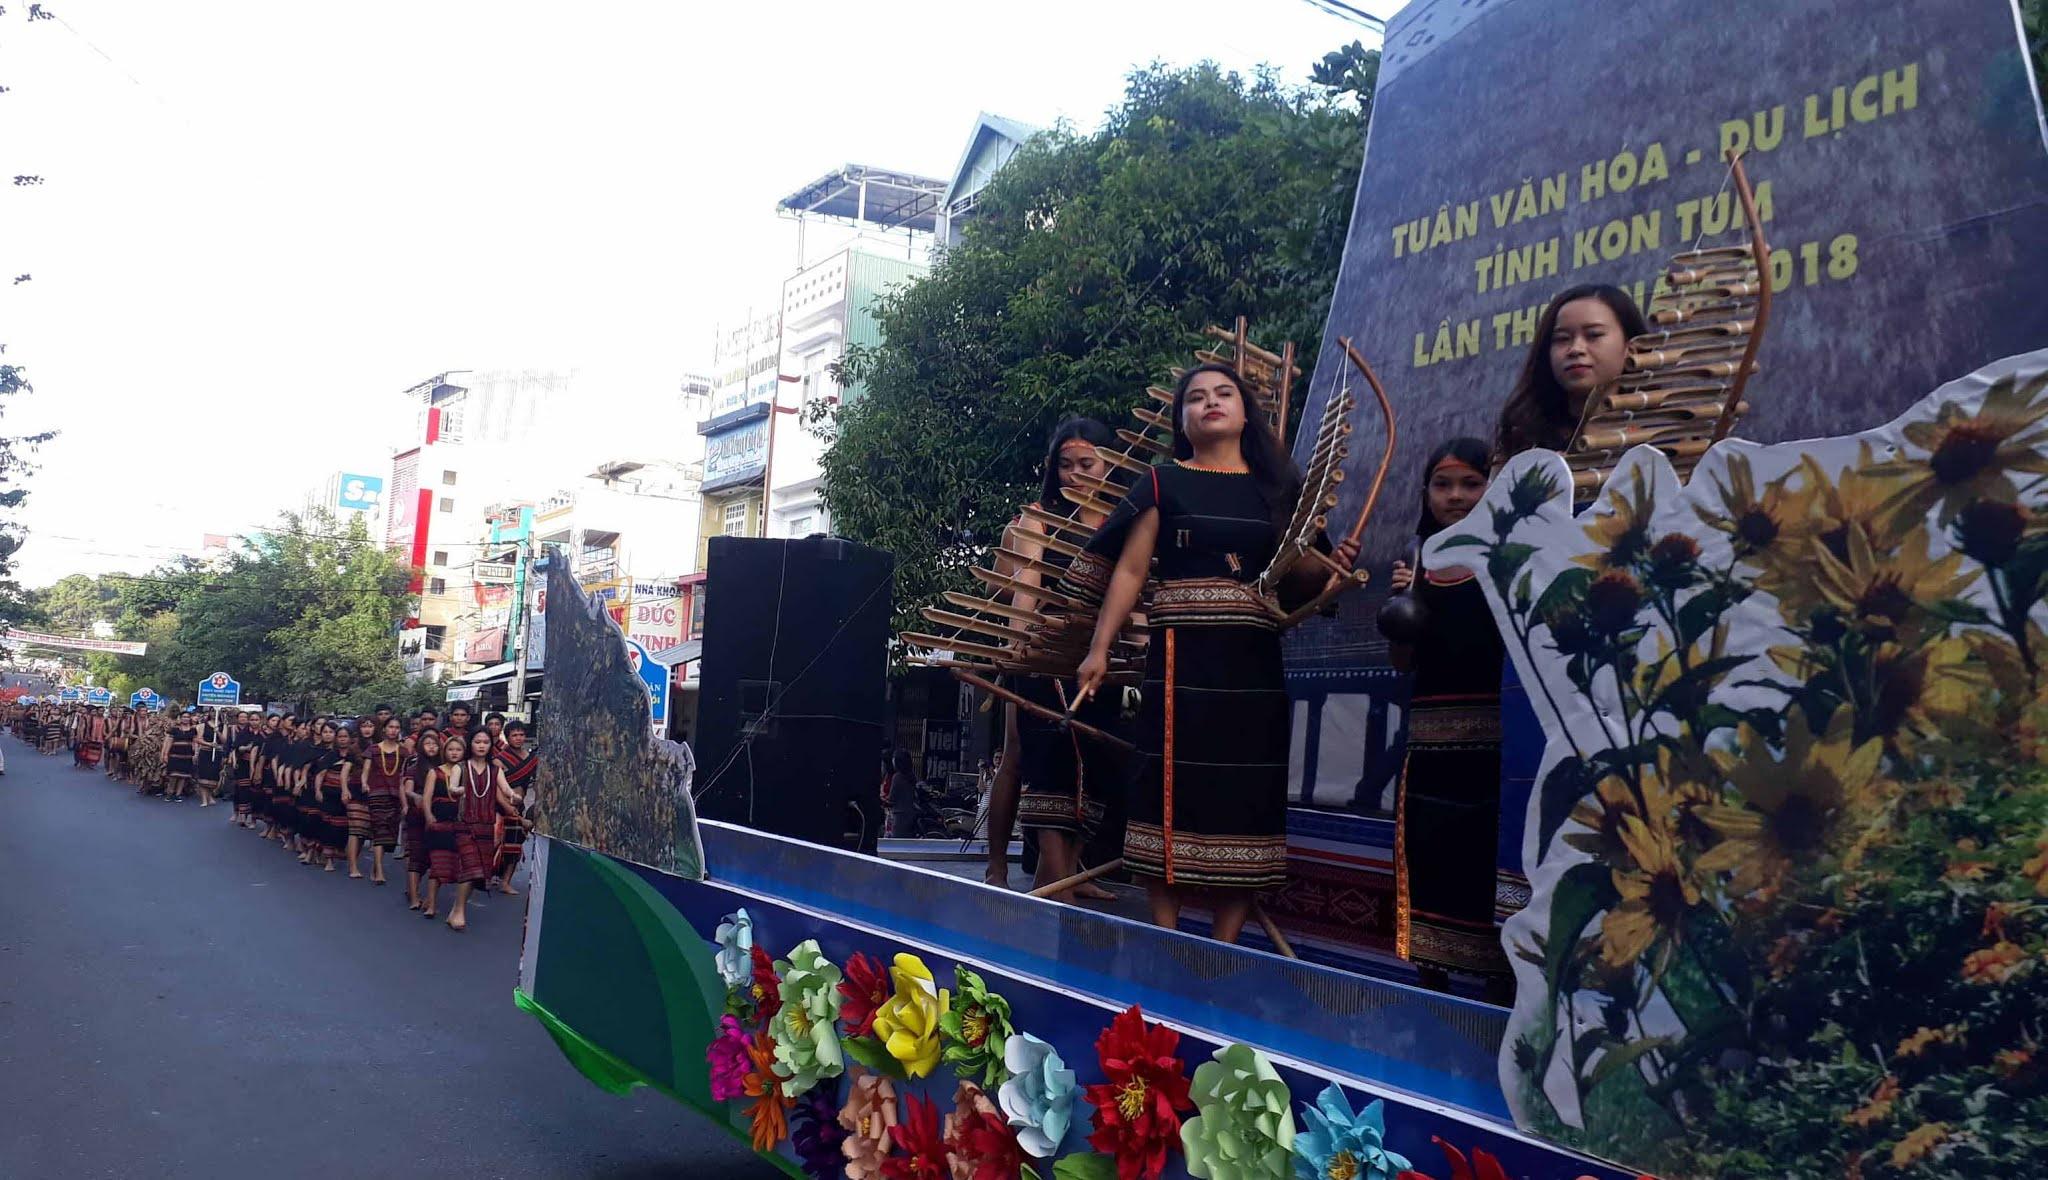 Gần 700 nghệ nhân tham gia trình diễn tại Lễ hội đường phố.